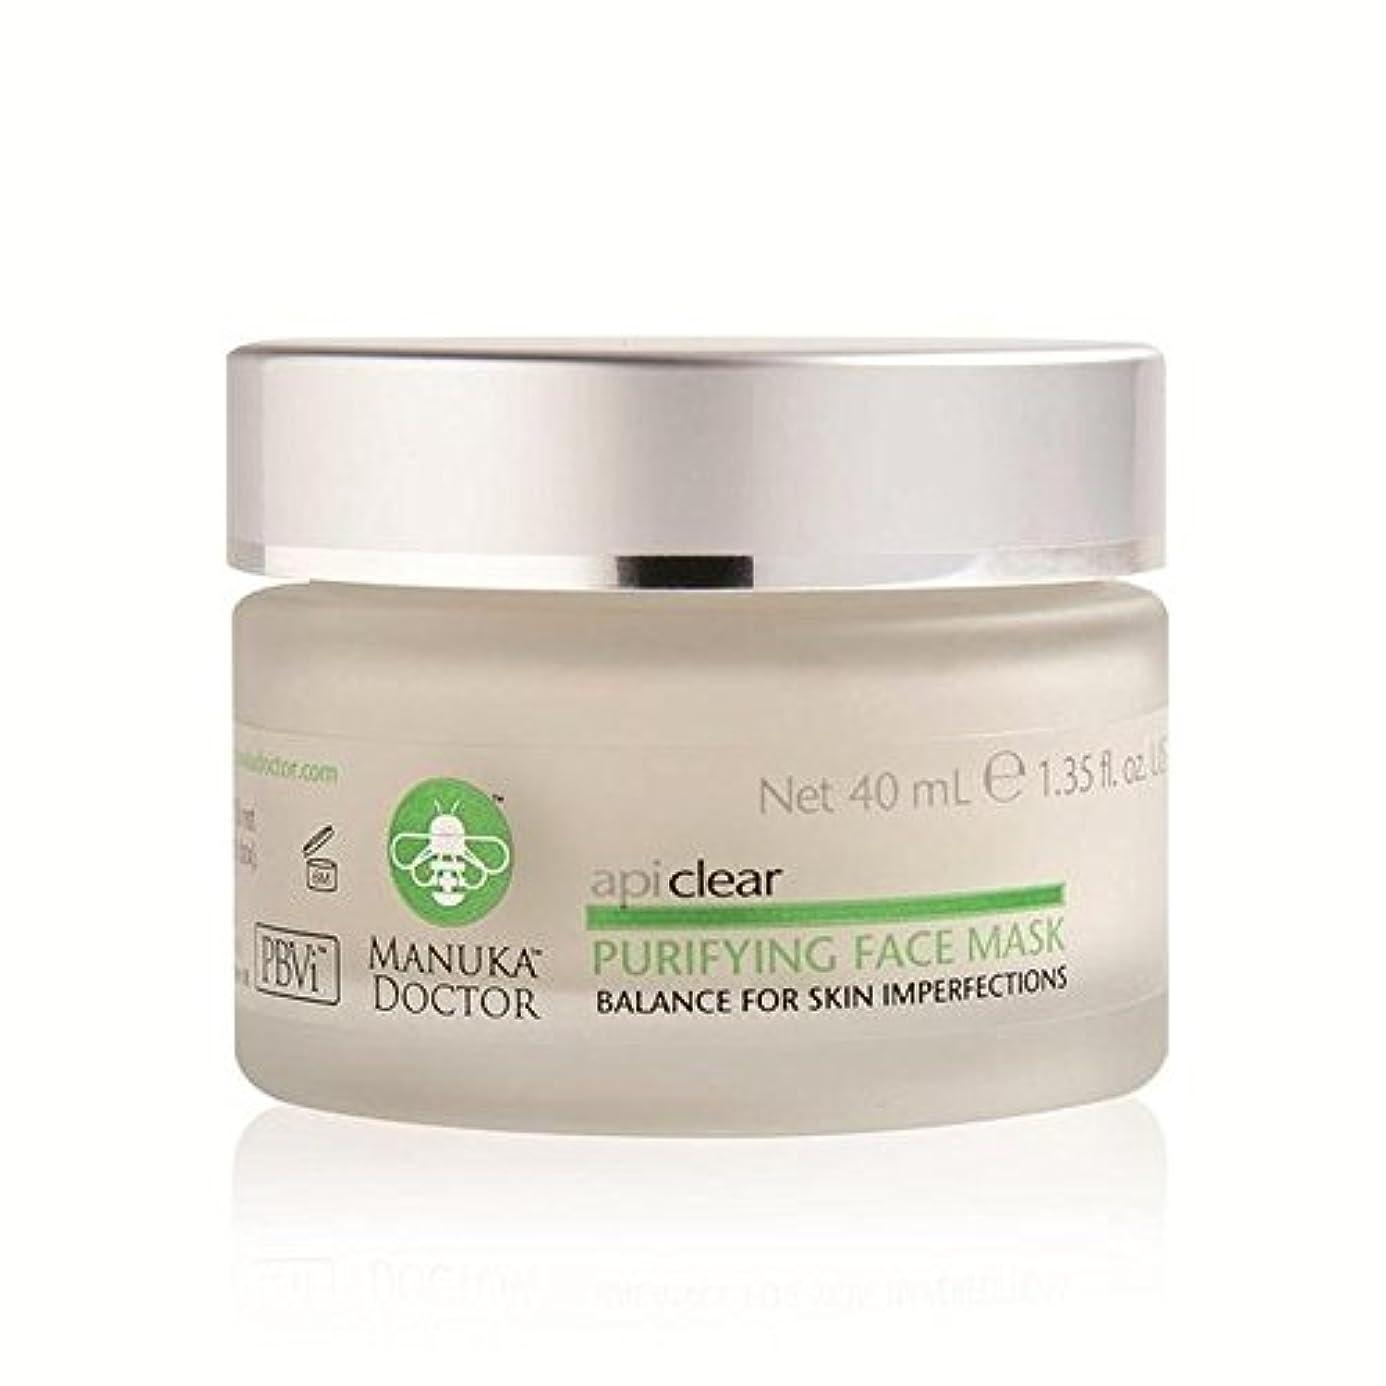 ドック要求排除Manuka Doctor Api Clear Purifying Face Mask 40ml - マヌカドクター明確な浄化フェイスマスク40ミリリットル [並行輸入品]